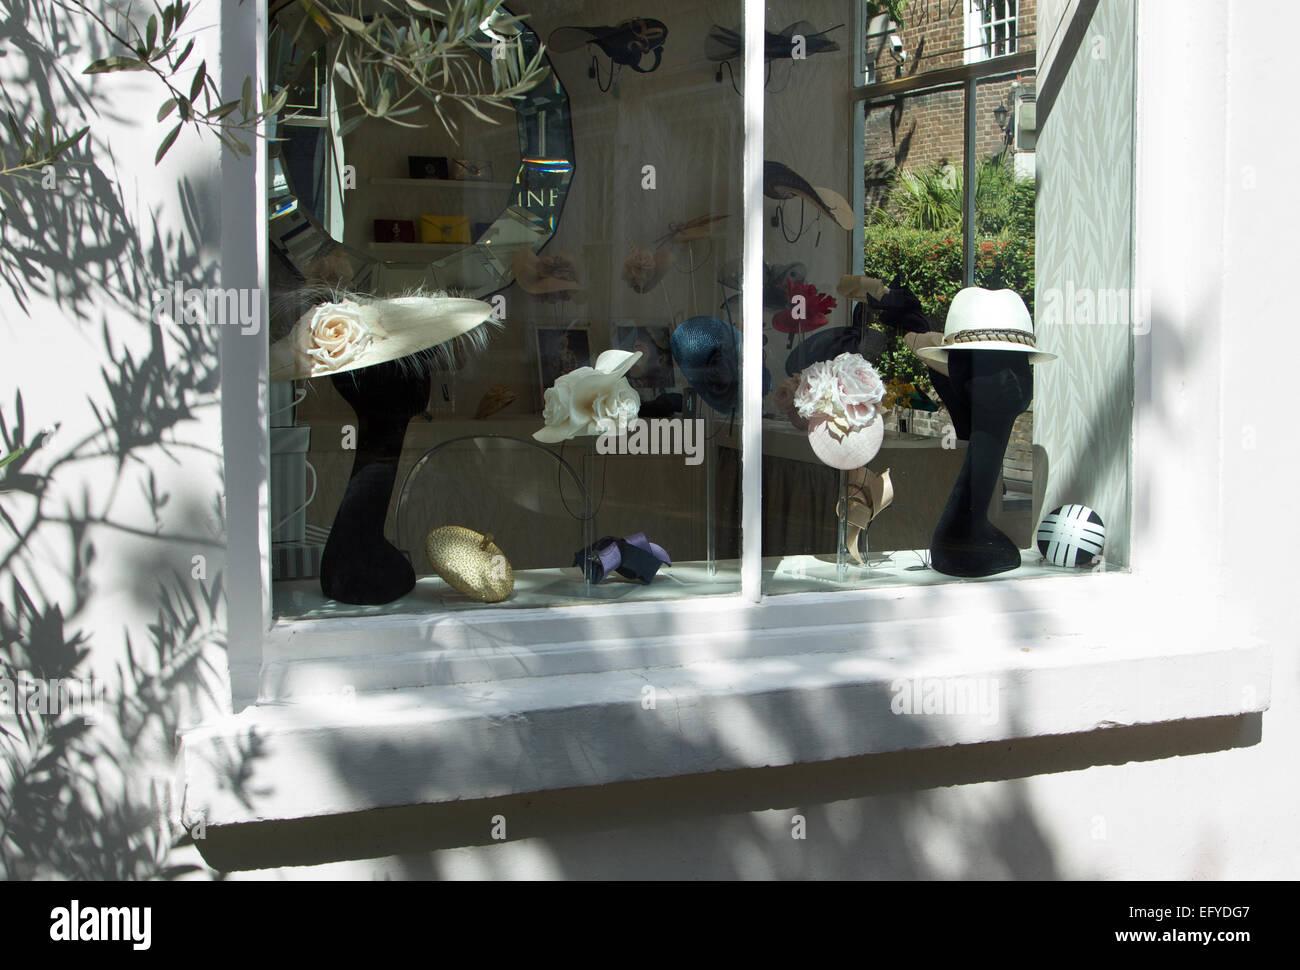 8aa31de3c5ace Hats Window Shop Photos   Hats Window Shop Images - Alamy